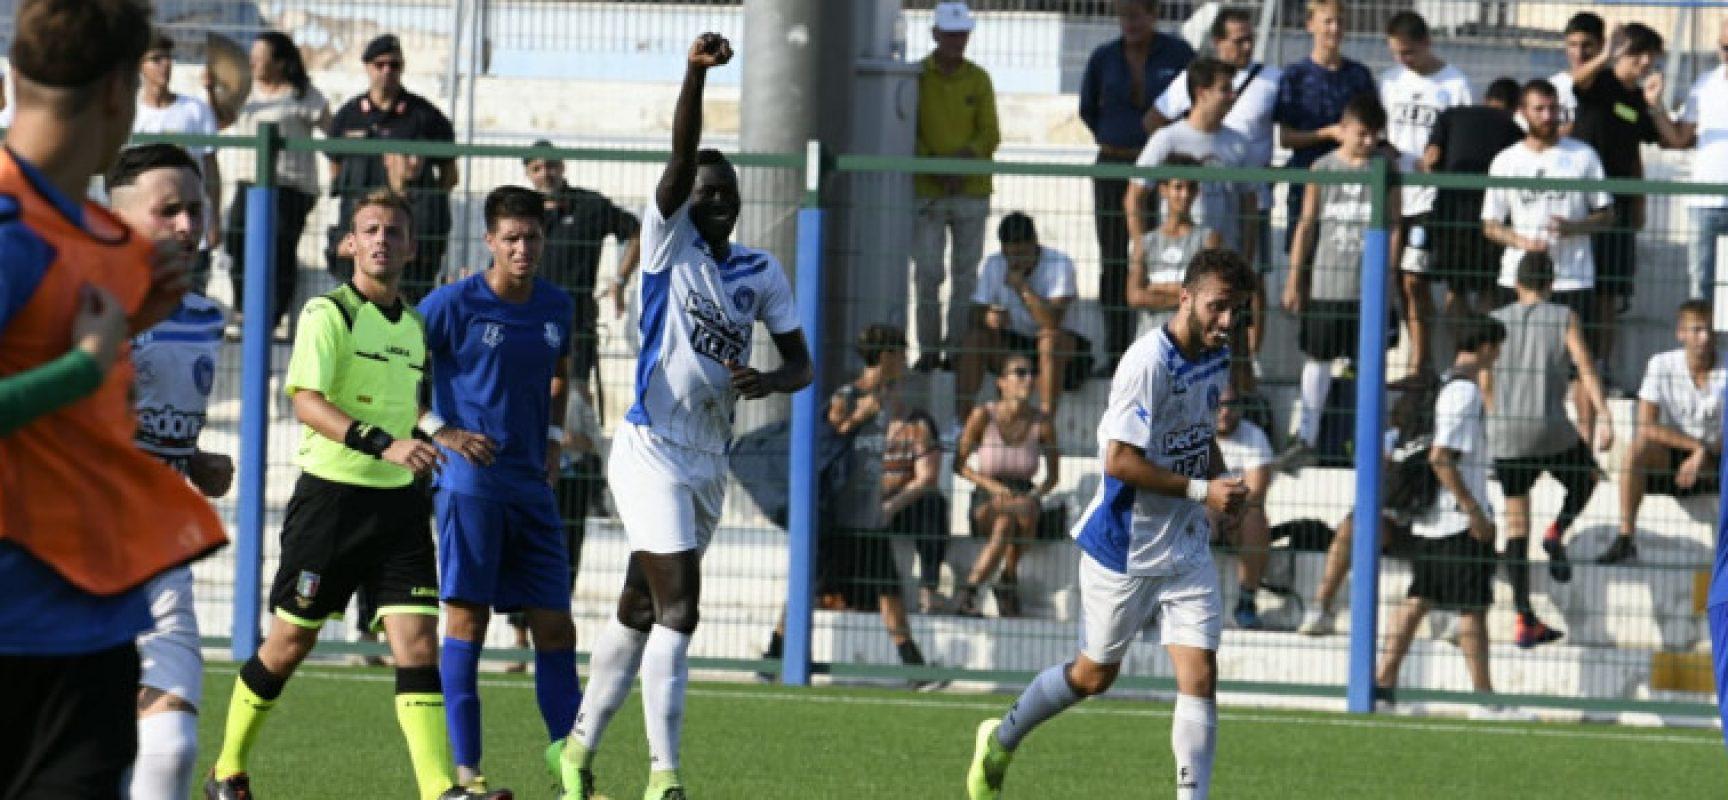 Pari di Coppa scoppiettante tra Unione Calcio e Trani: biscegliesi ai quarti